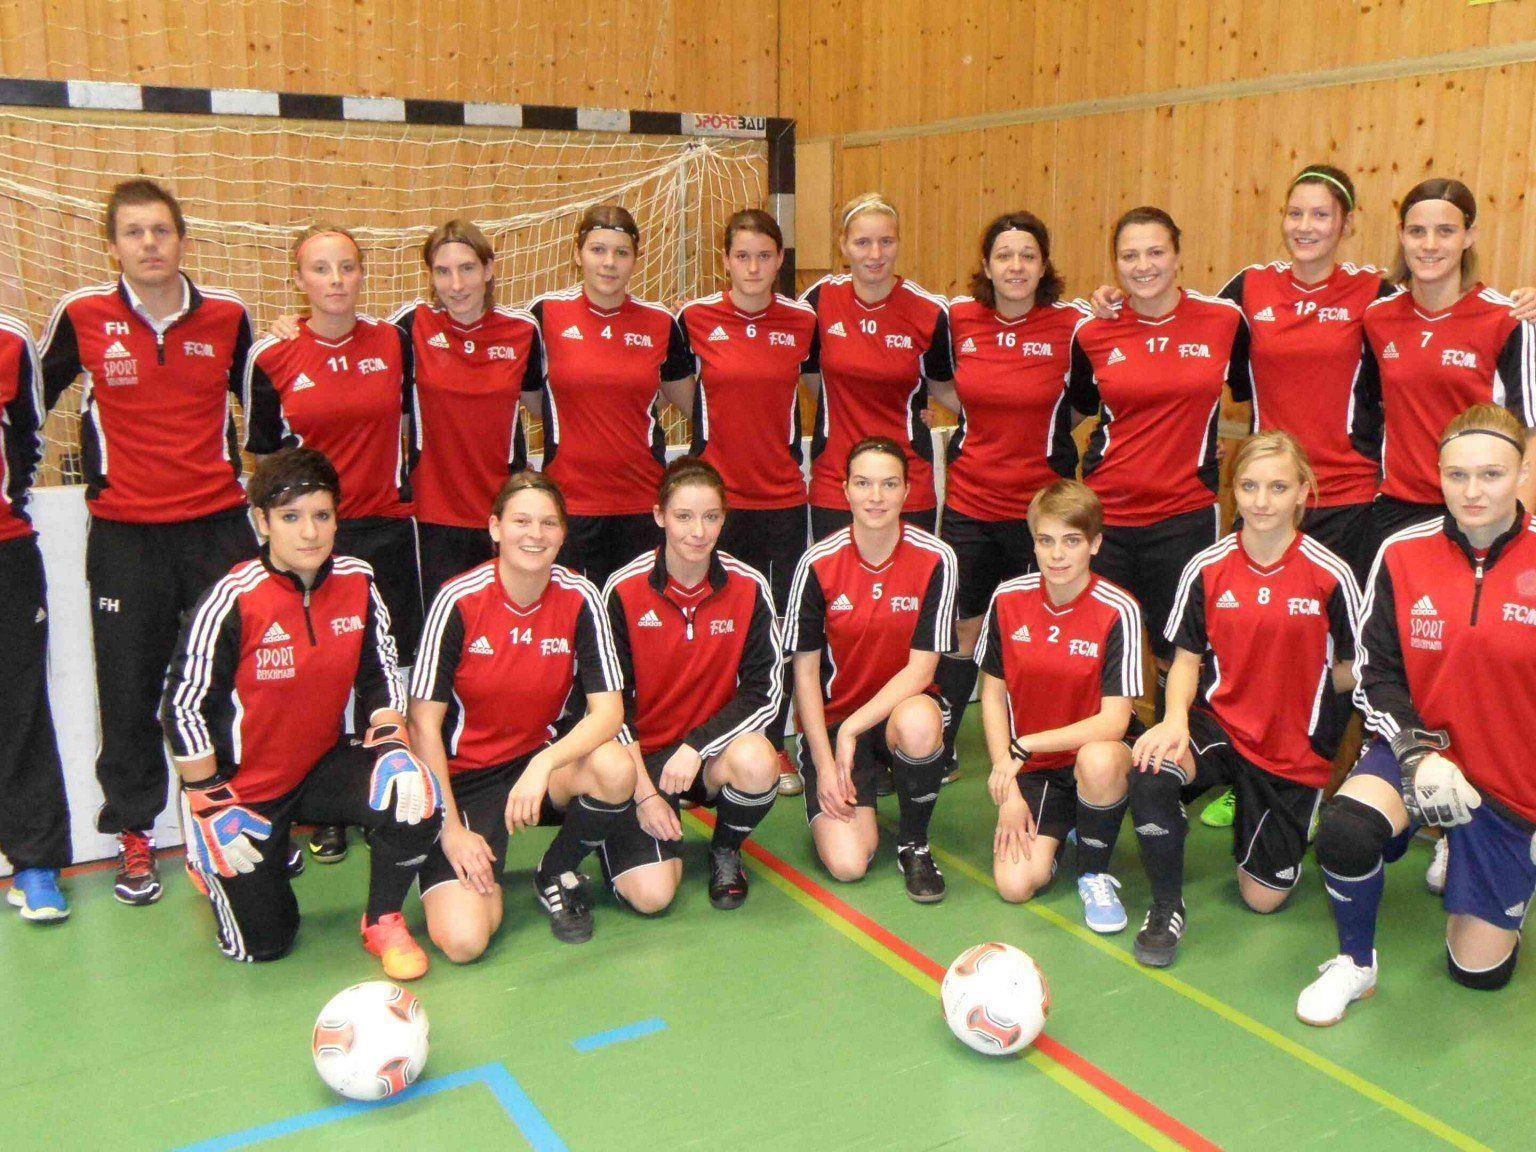 Die Memminger Damen zeigten ihr Können auf dem Fußballfeld und holten sich schließlich den Siegerpokal.